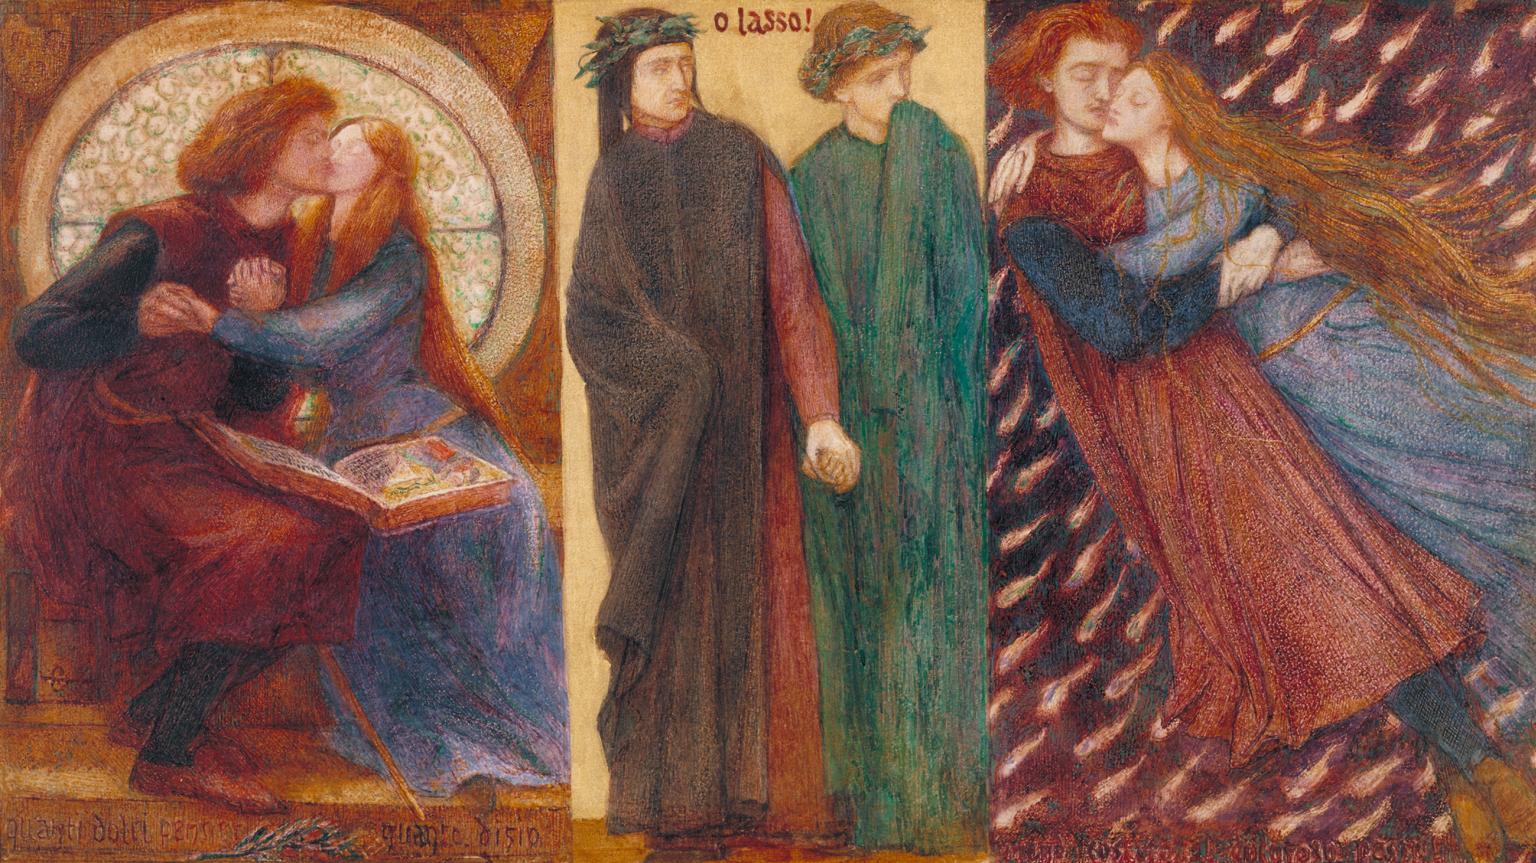 Dante Gabriel Rossetti, Paolo e Francesca da Rimini (1855; acquerello su carta, 25,4 x 44,9 cm; Londra, Tate Britain)